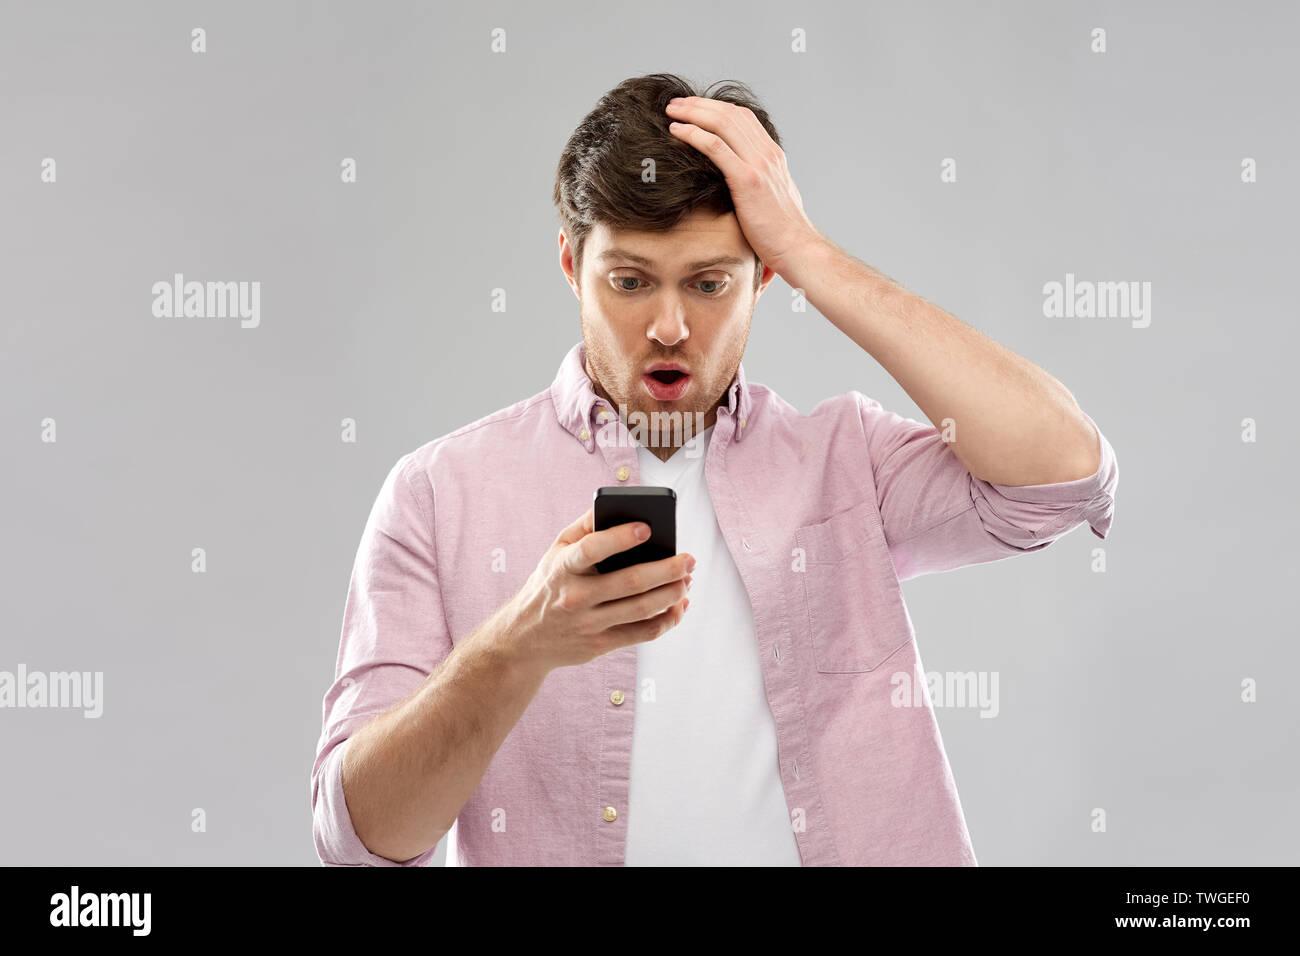 Peinlich junge Mann an Smartphone suchen Stockbild